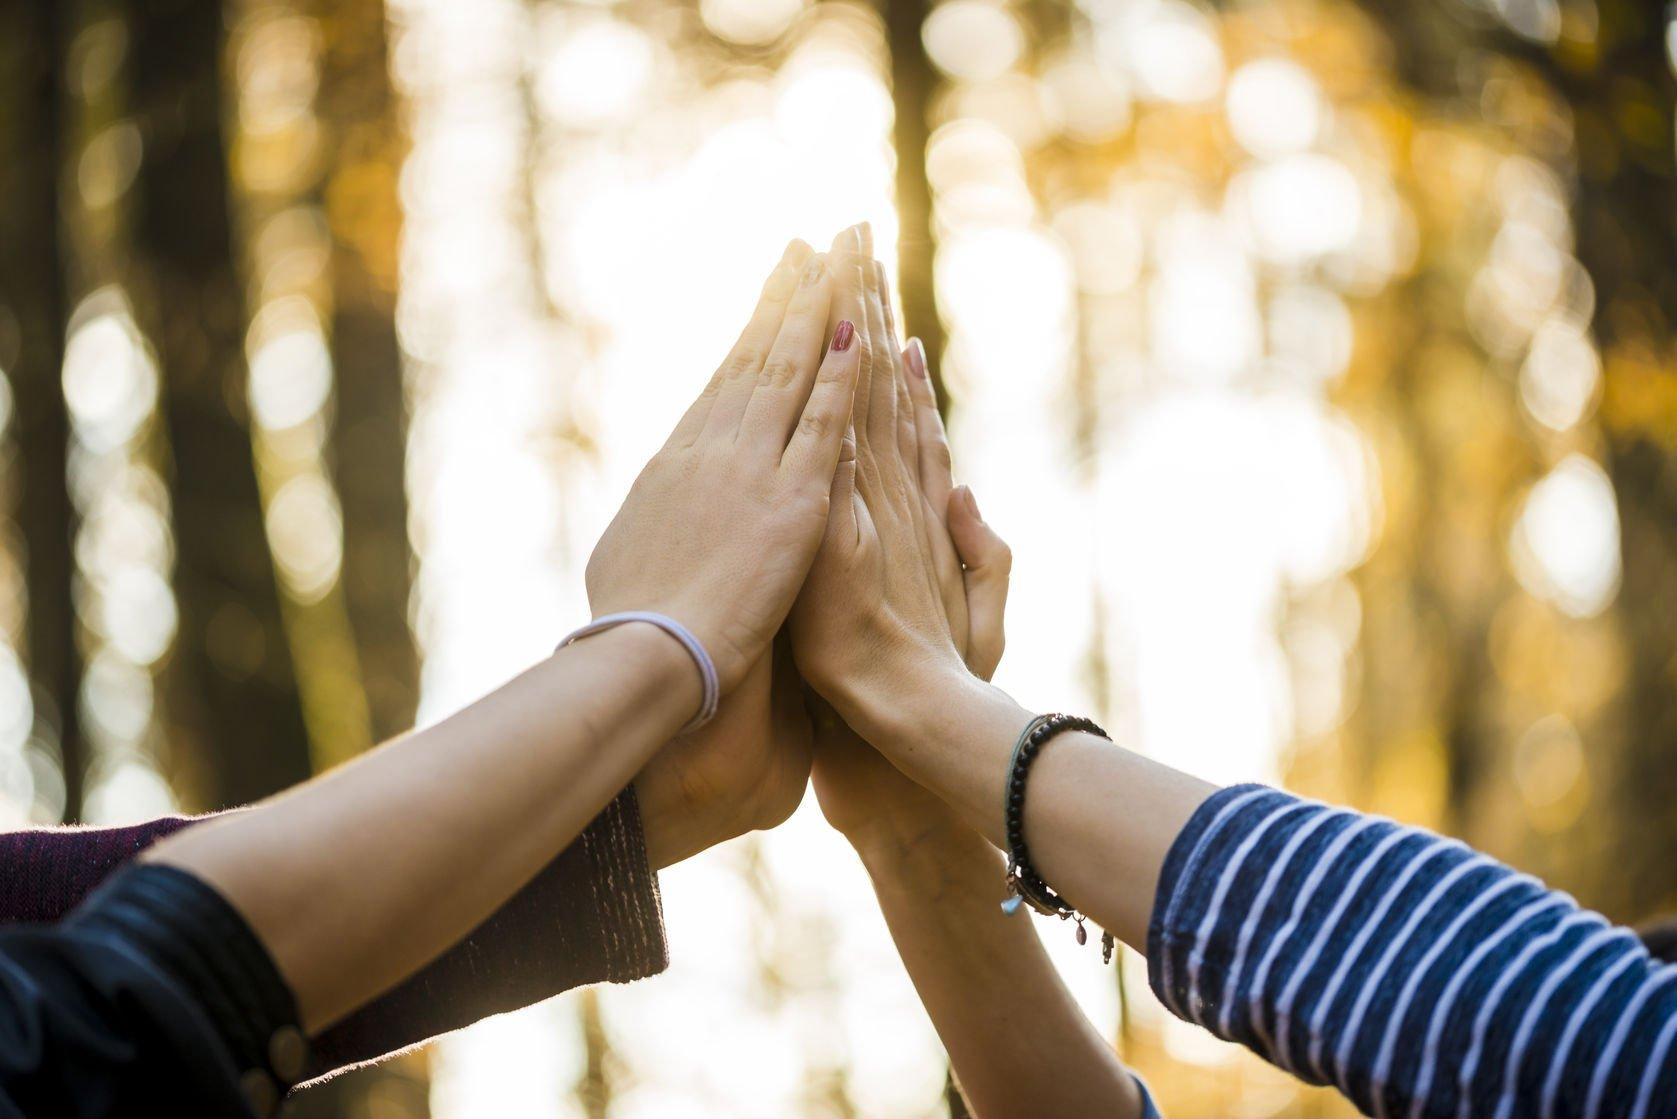 Estenda mais a mão. Entenda o valor da solidariedade.